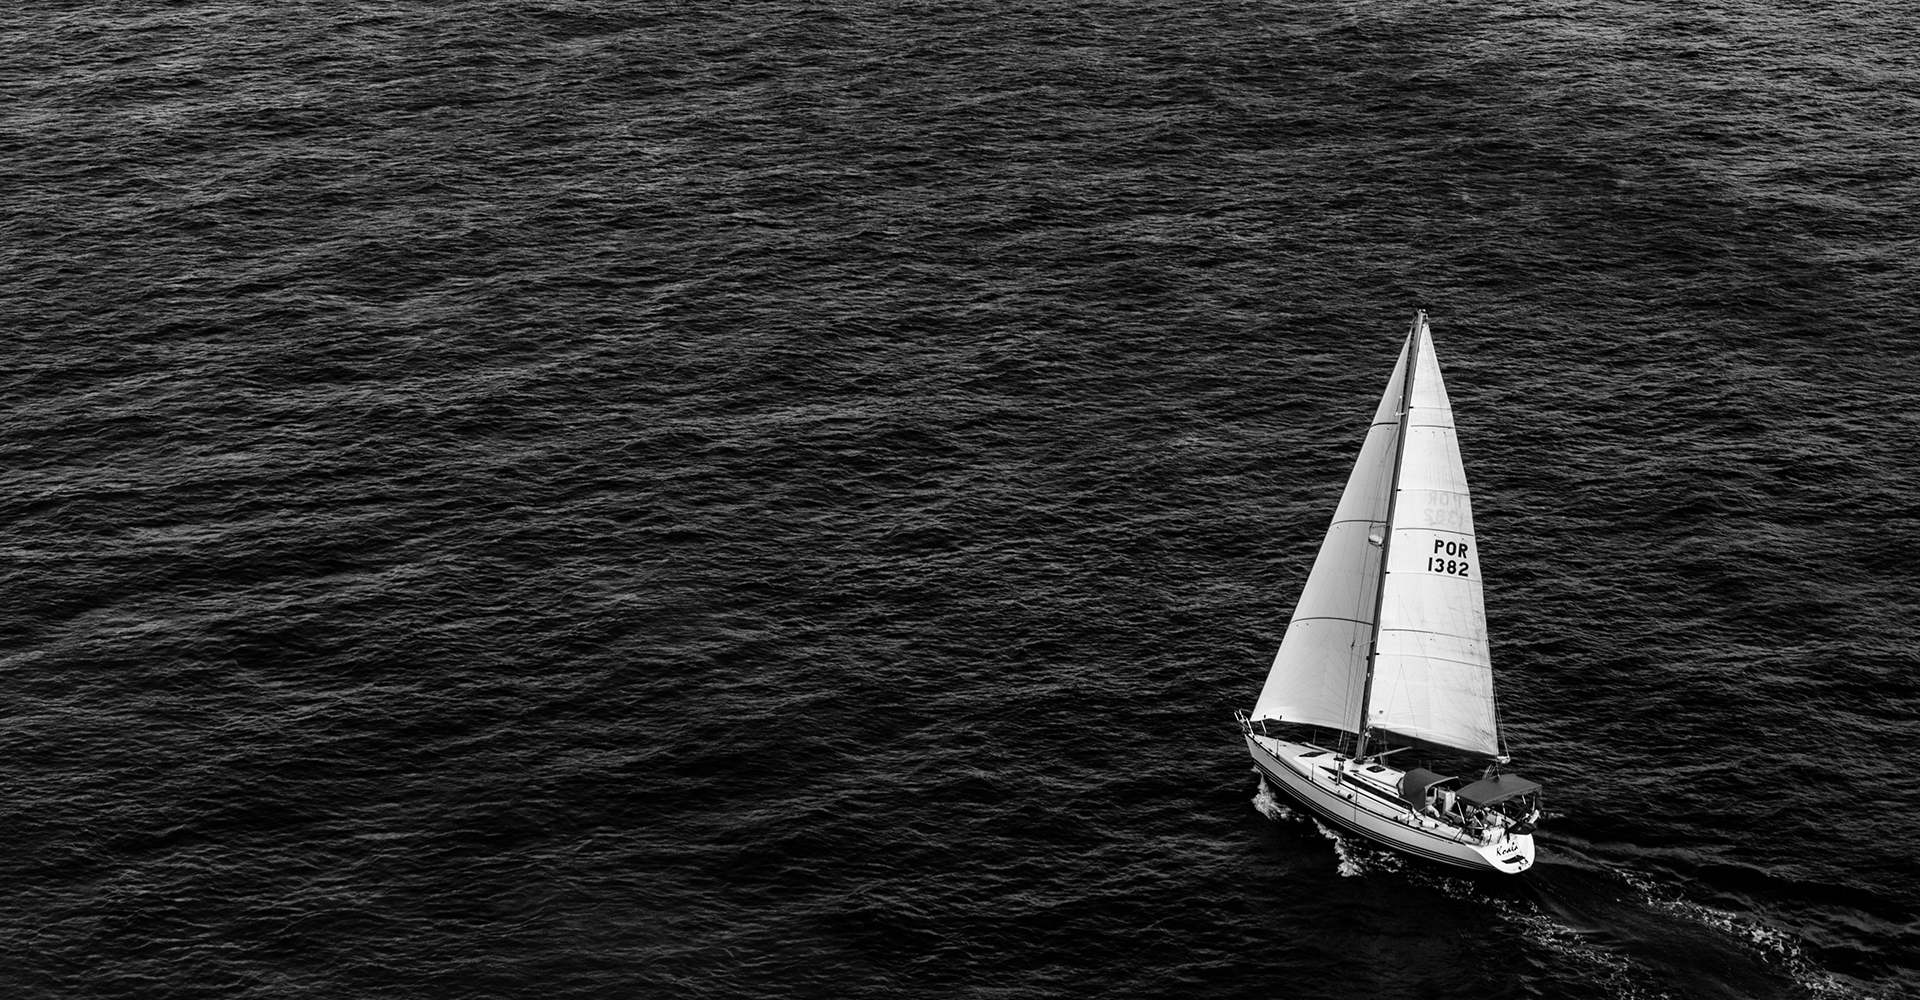 对冲基金正积极寻求航运债务的投资机会